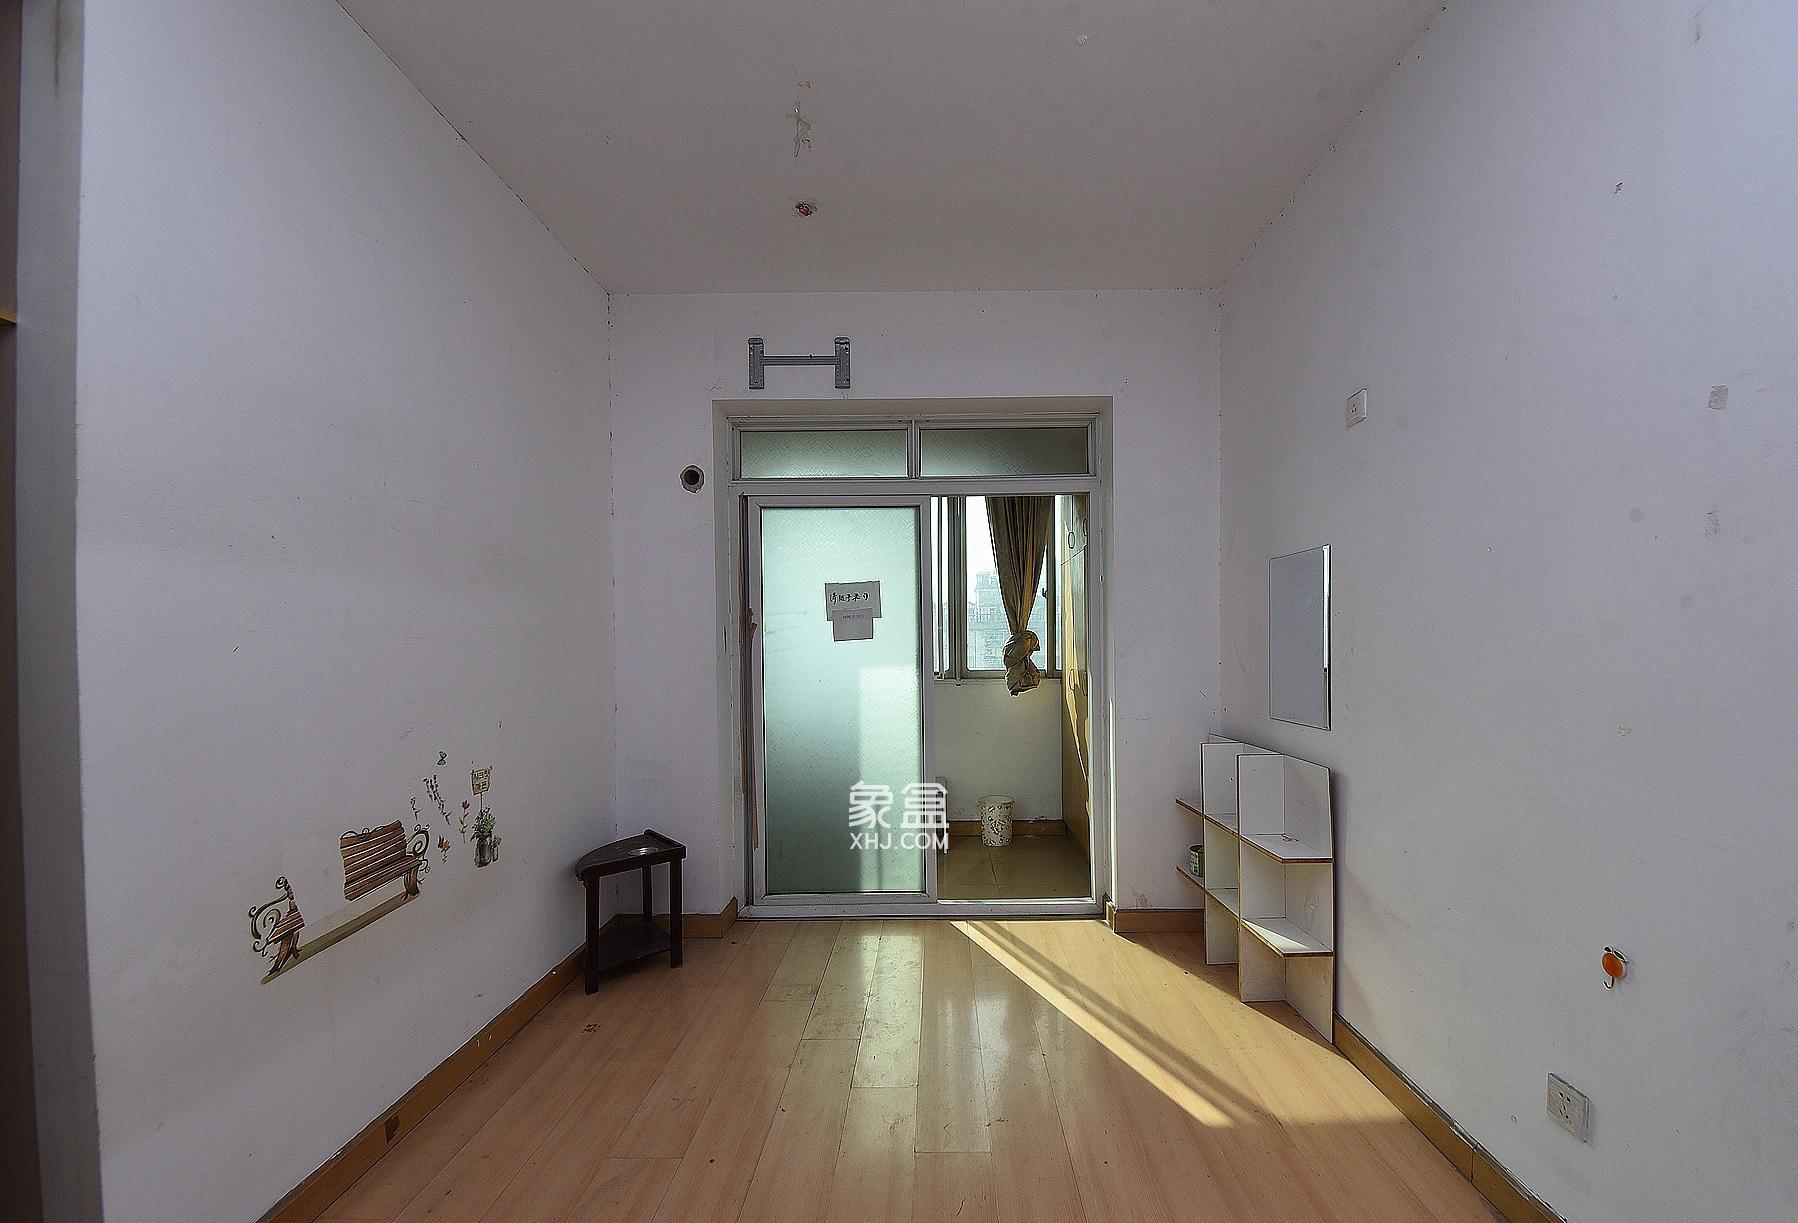 梓园路湘雅附二广济桥鸿园小区广济苑公寓电梯小高层